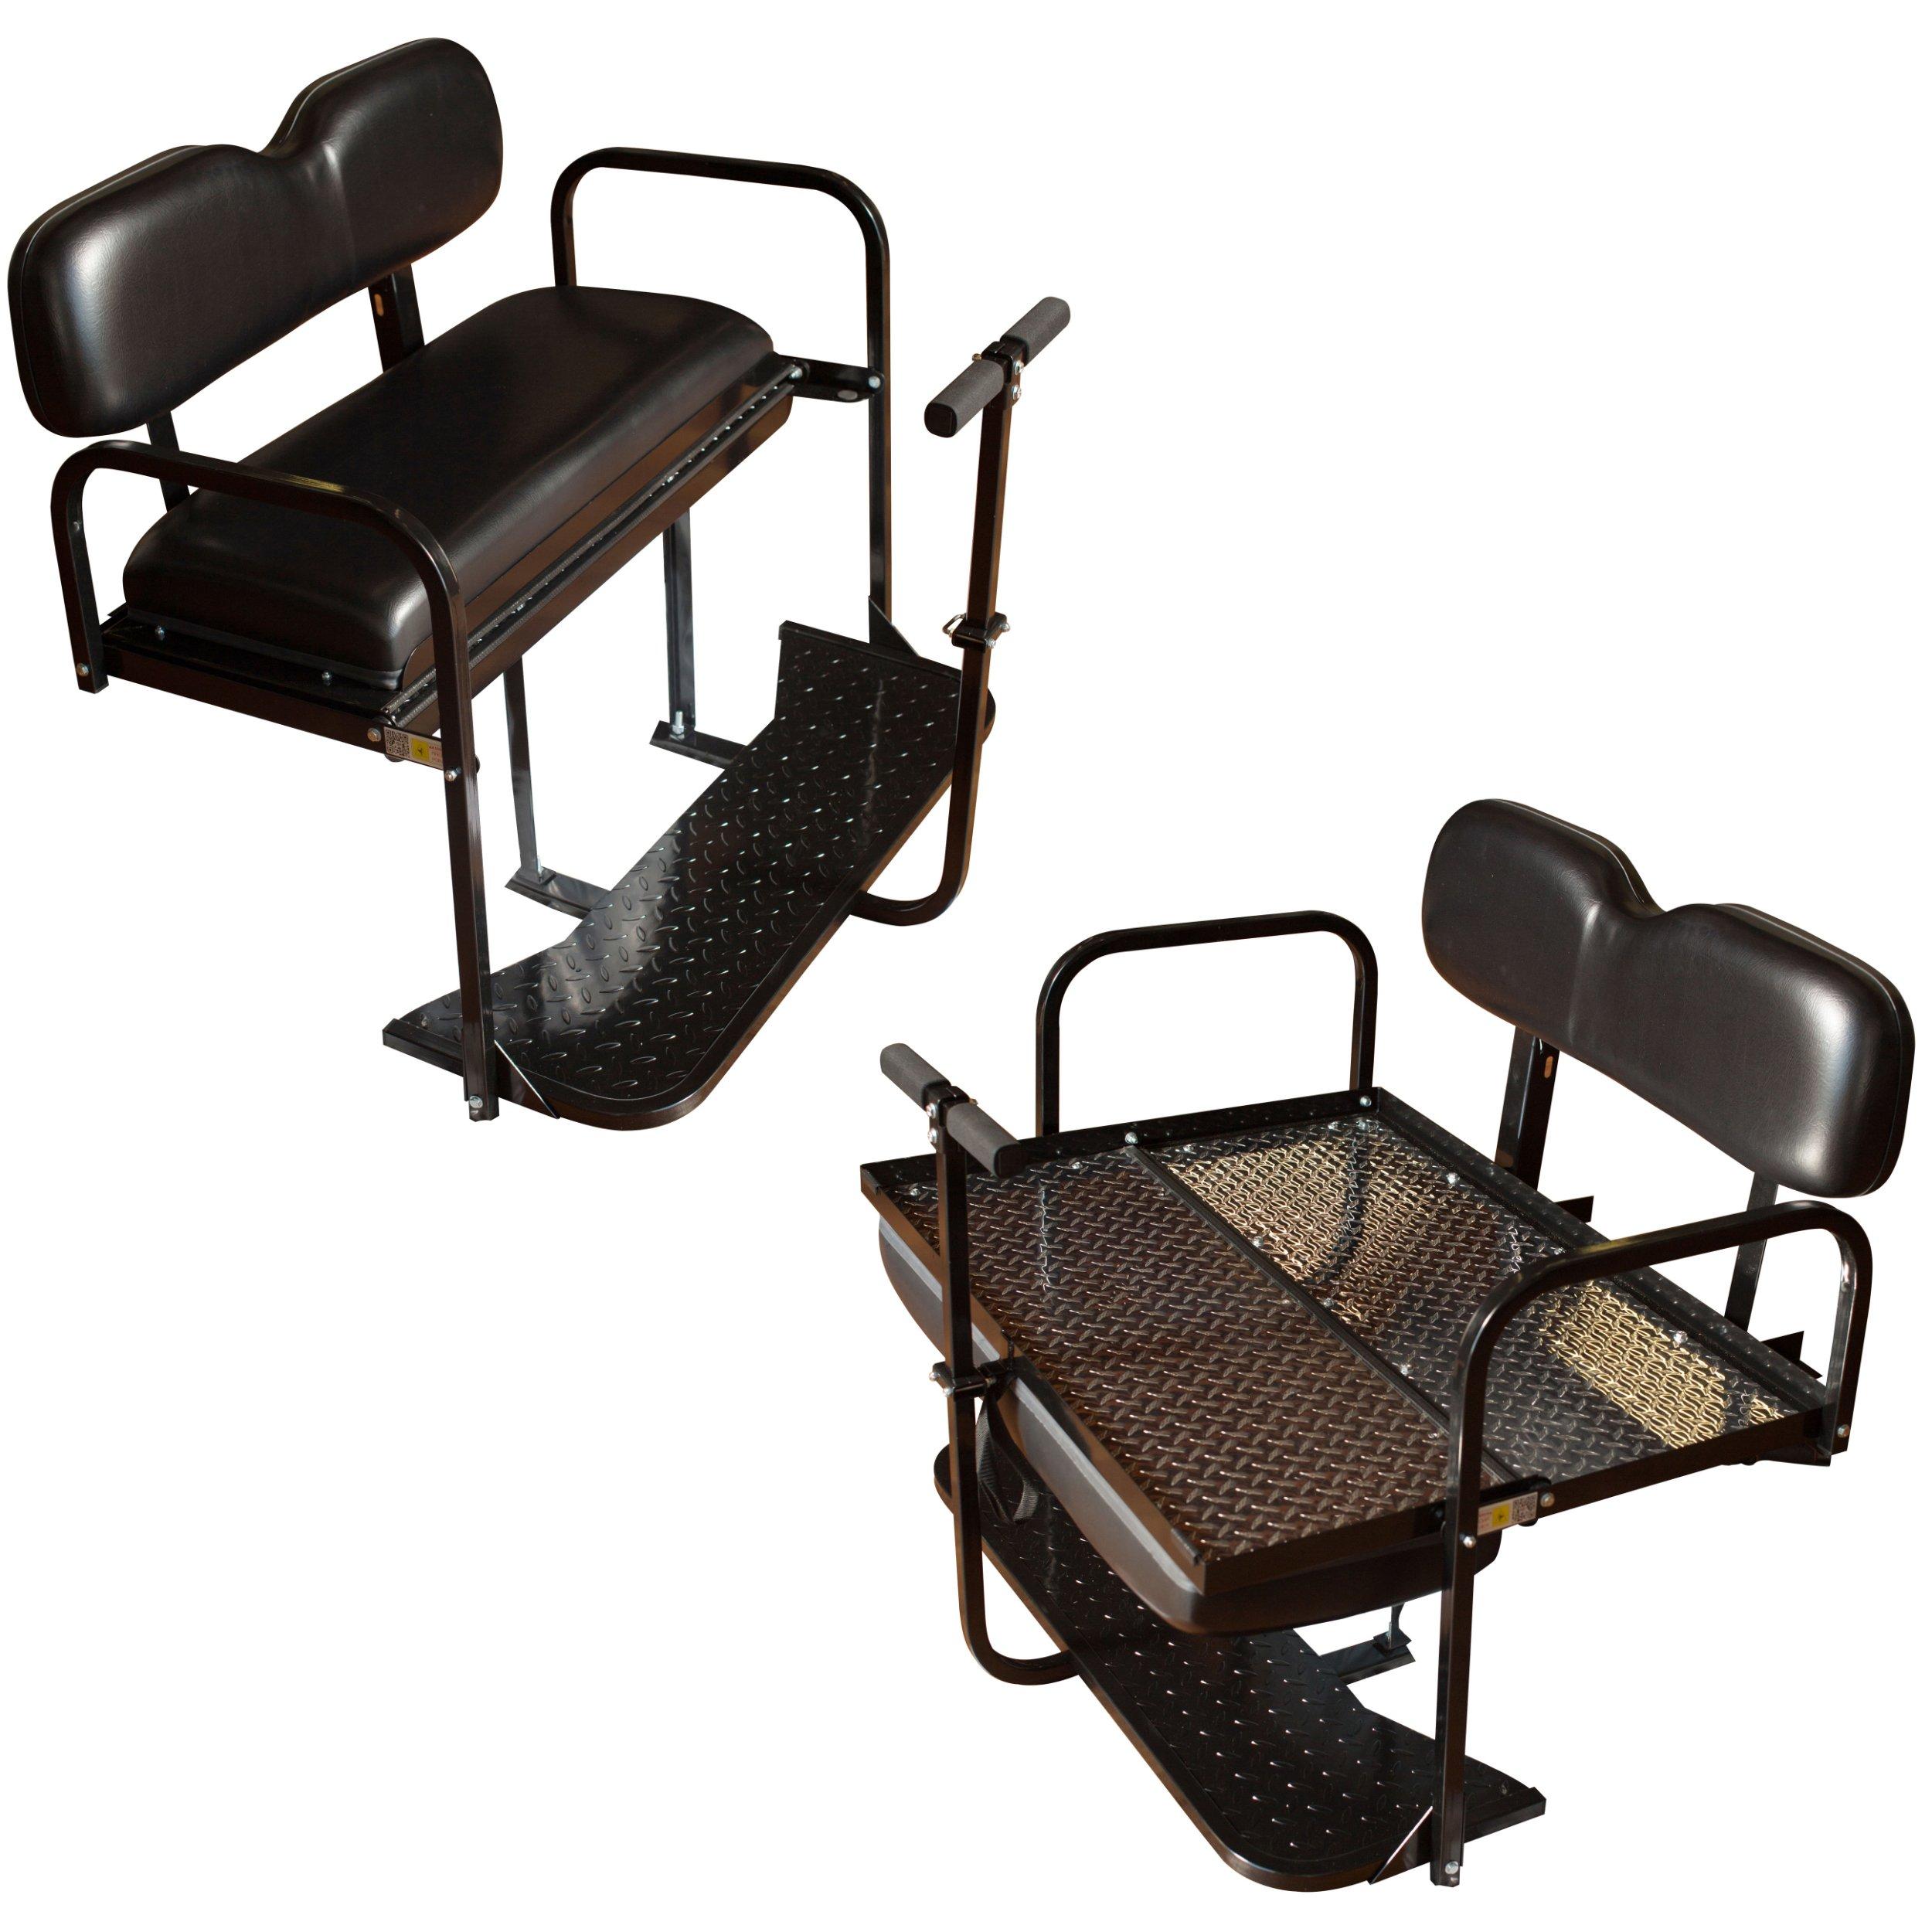 EZGO TXT Golf Cart Rear Flip Back Seat Kit - Factory Black